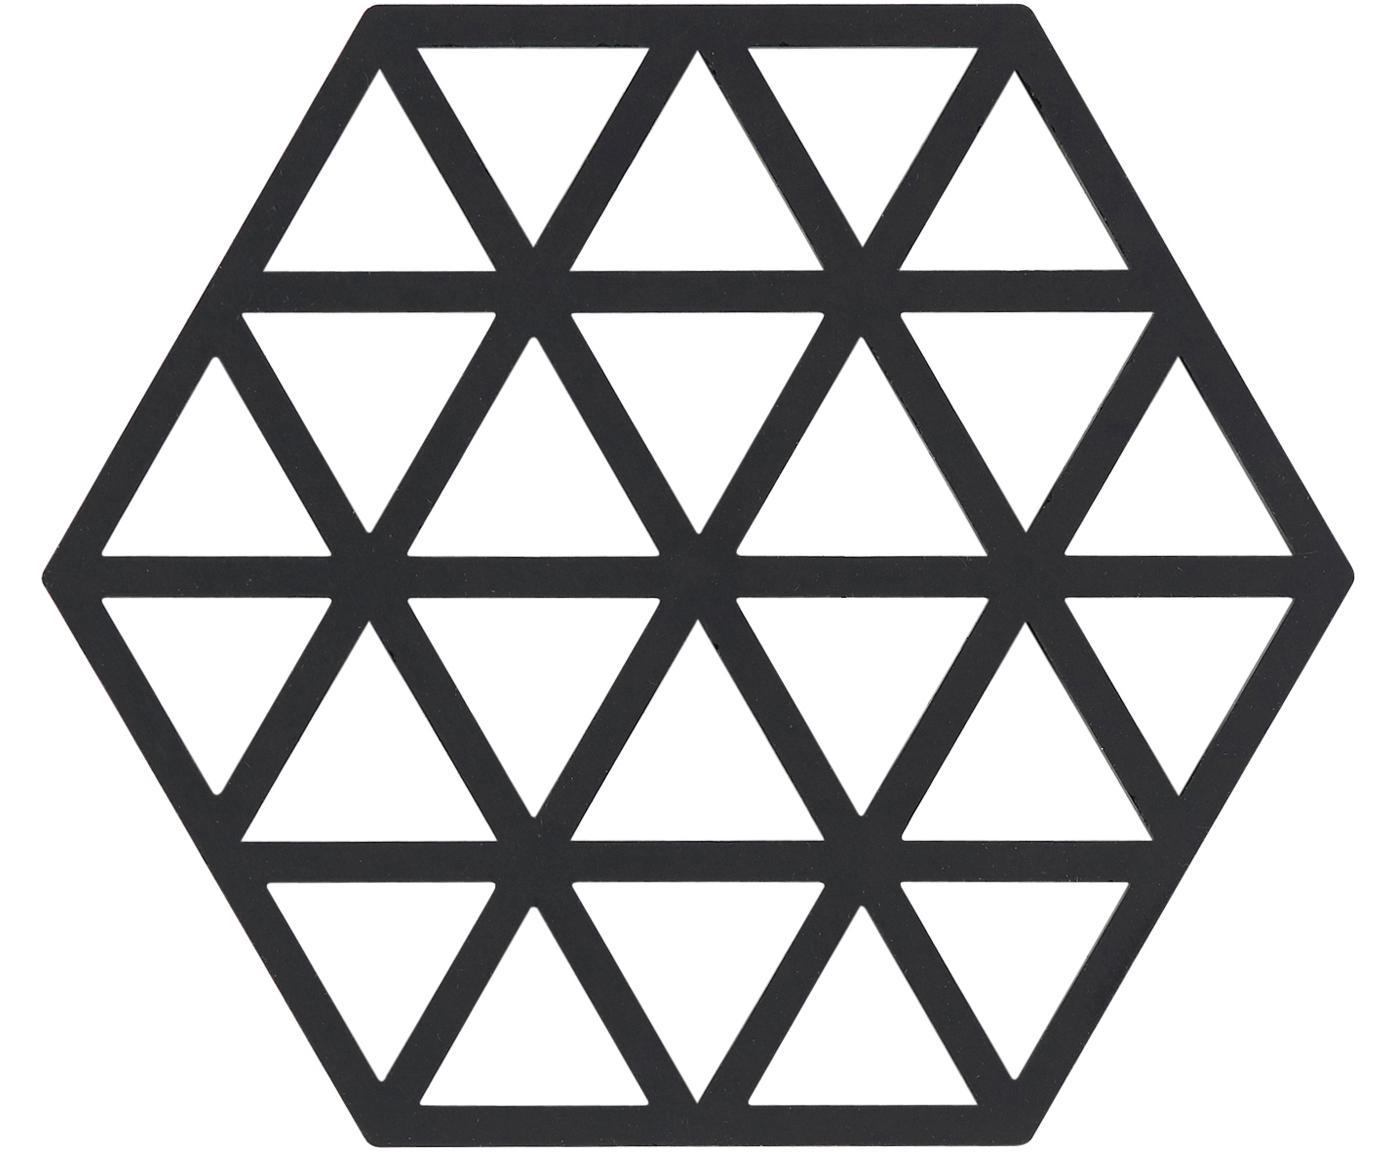 Podstawka pod gorące naczynia z silikonu Triangle, 2 szt., Silikon, Czarny, S 14 x G 16 cm